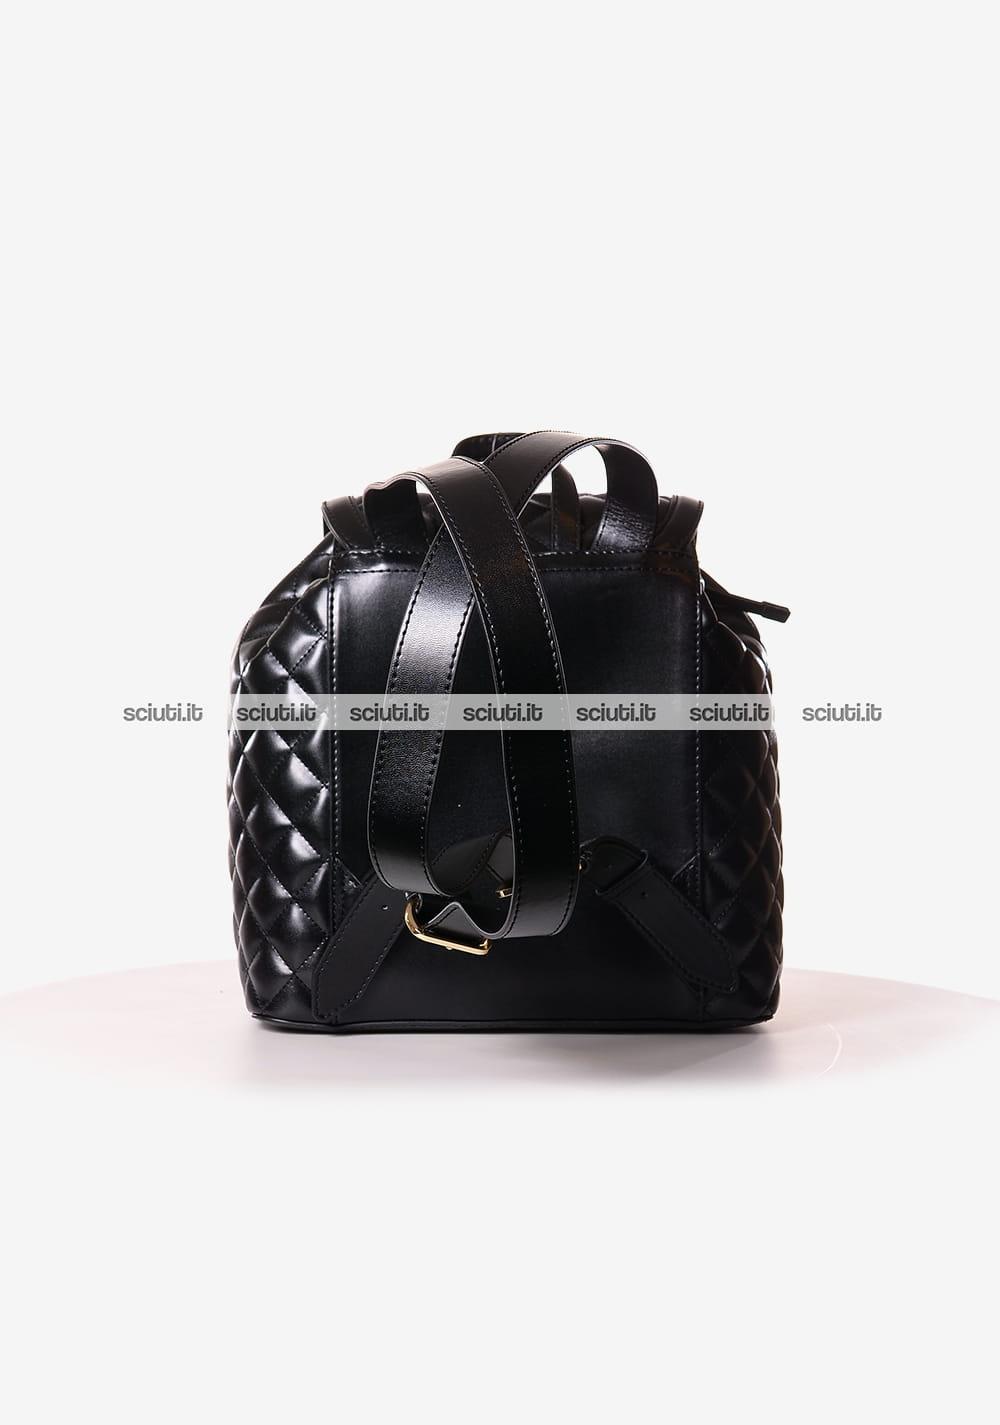 reputable site 99850 265f0 Zaino Love Moschino donna trapuntato nero | Sciuti.it